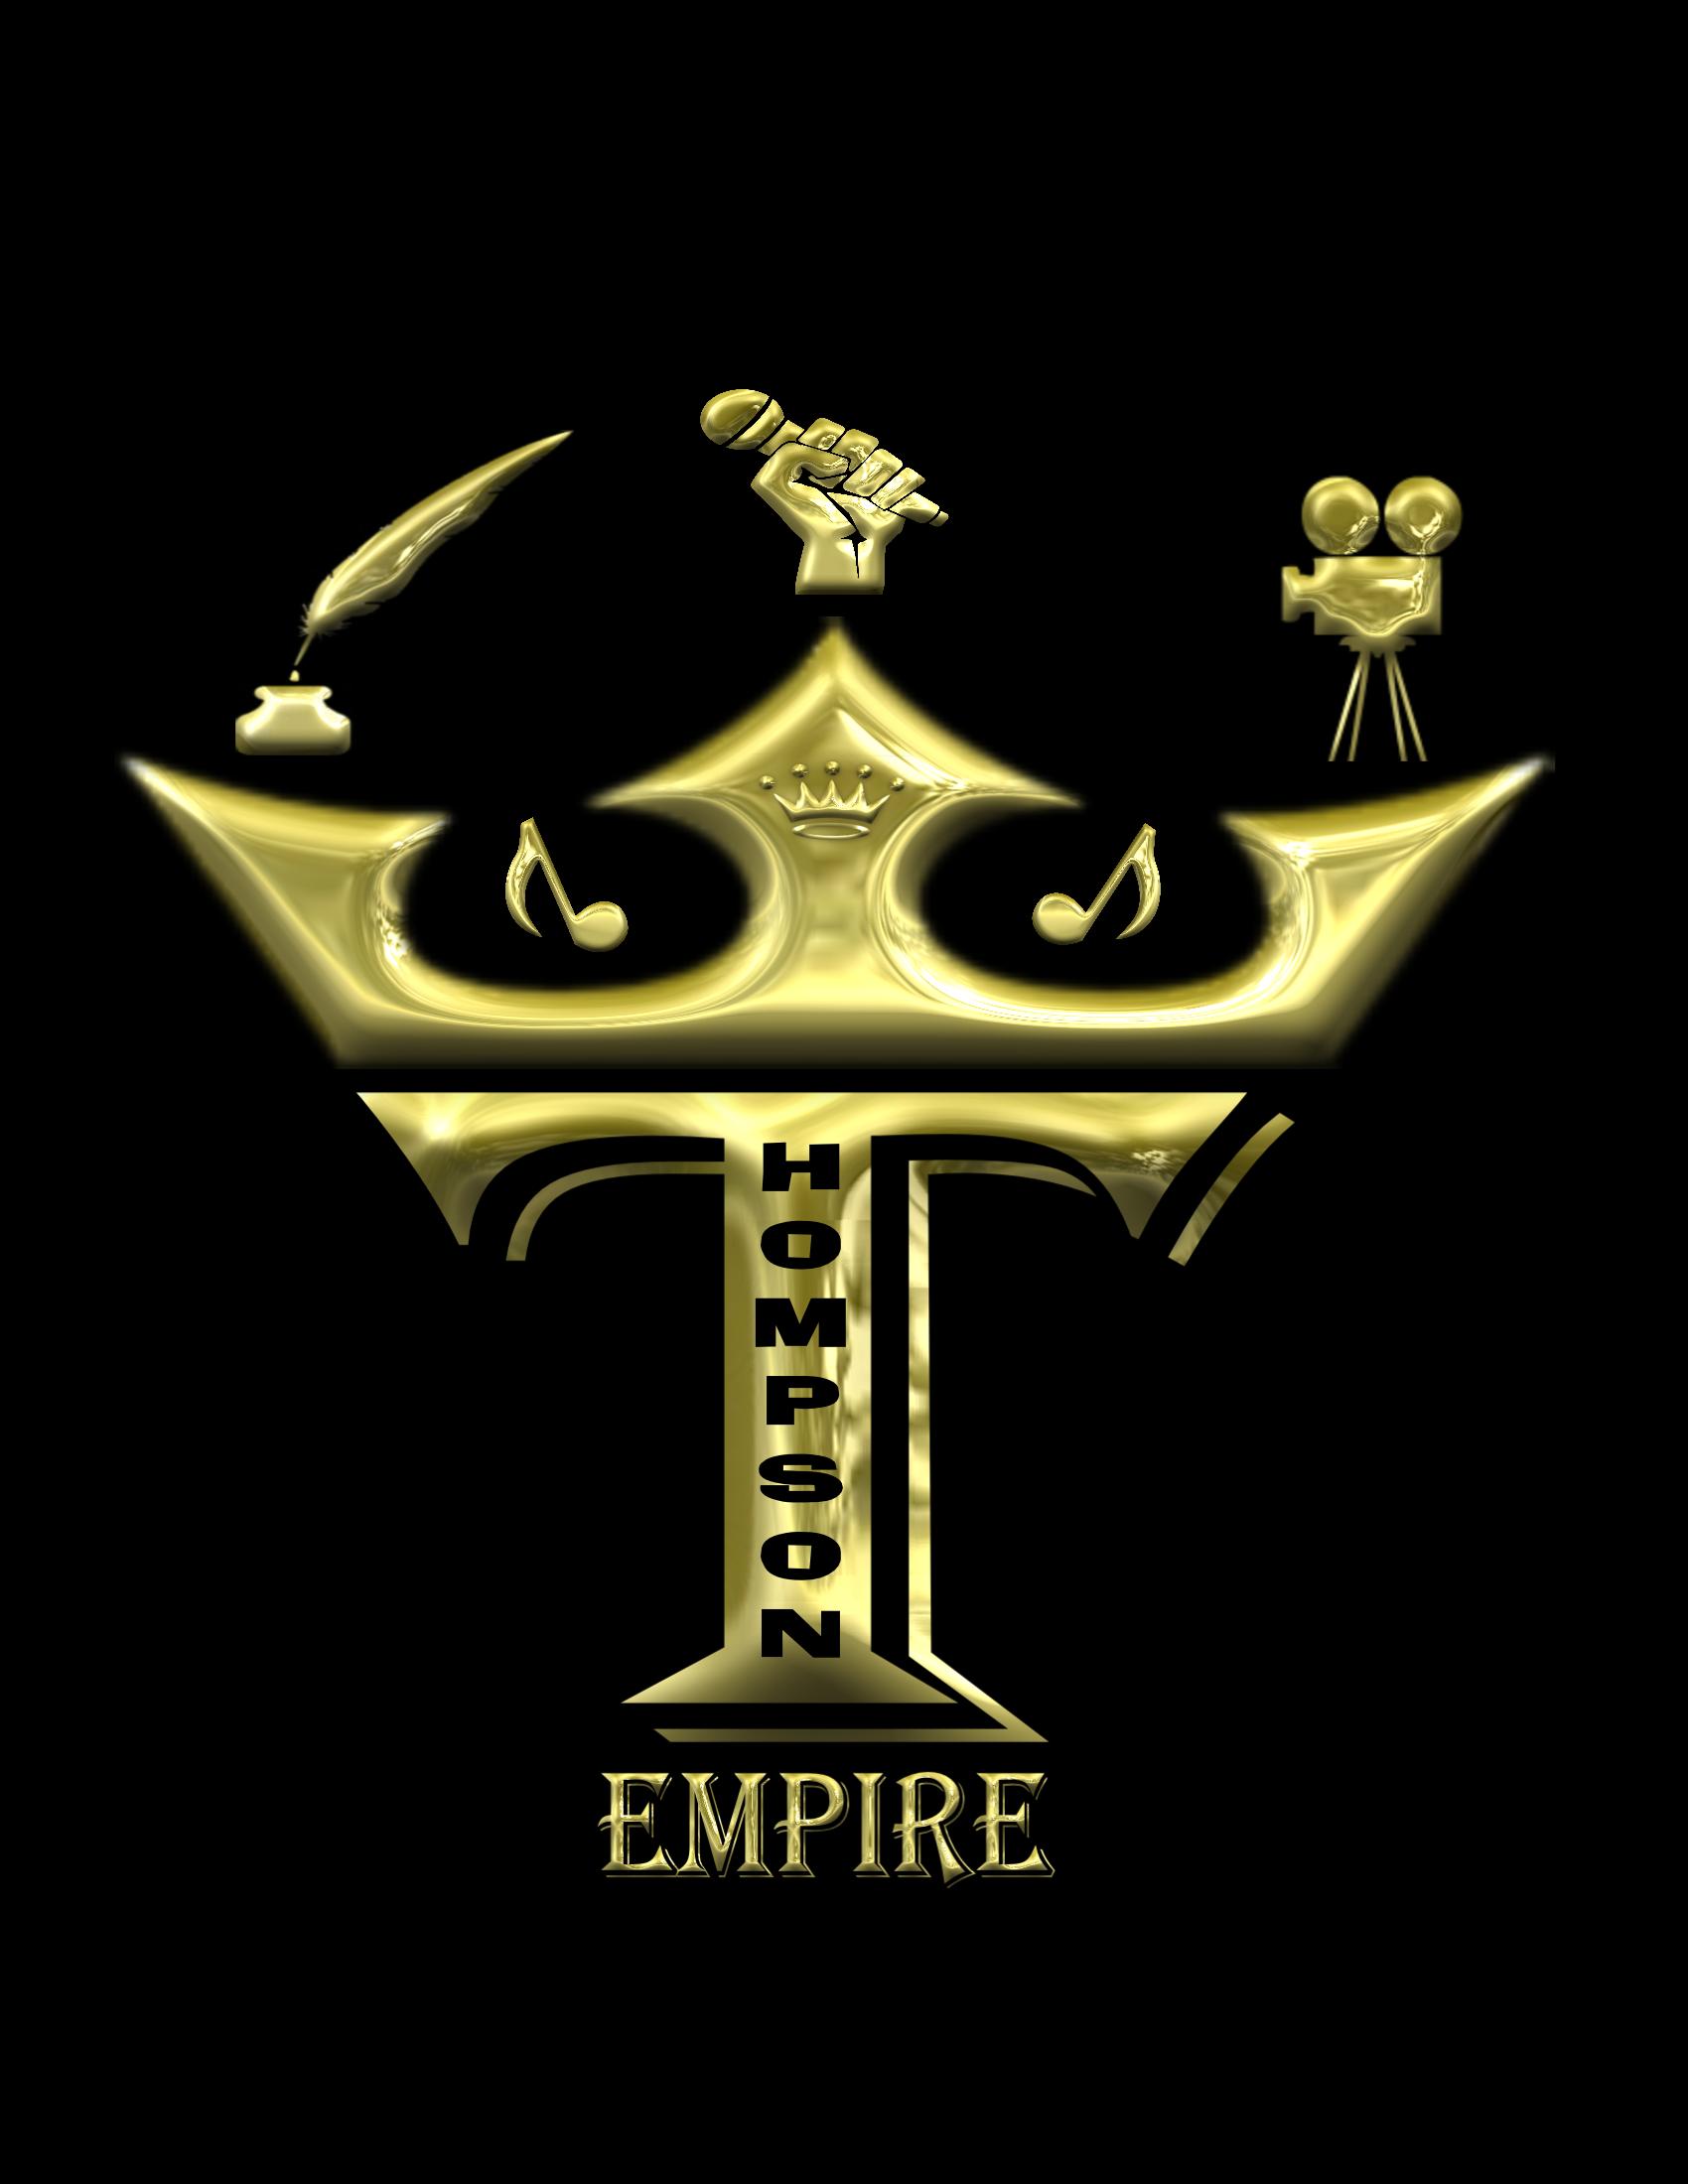 Exoyik2aeswxnwfipeqvfa store logo image?1493744369231